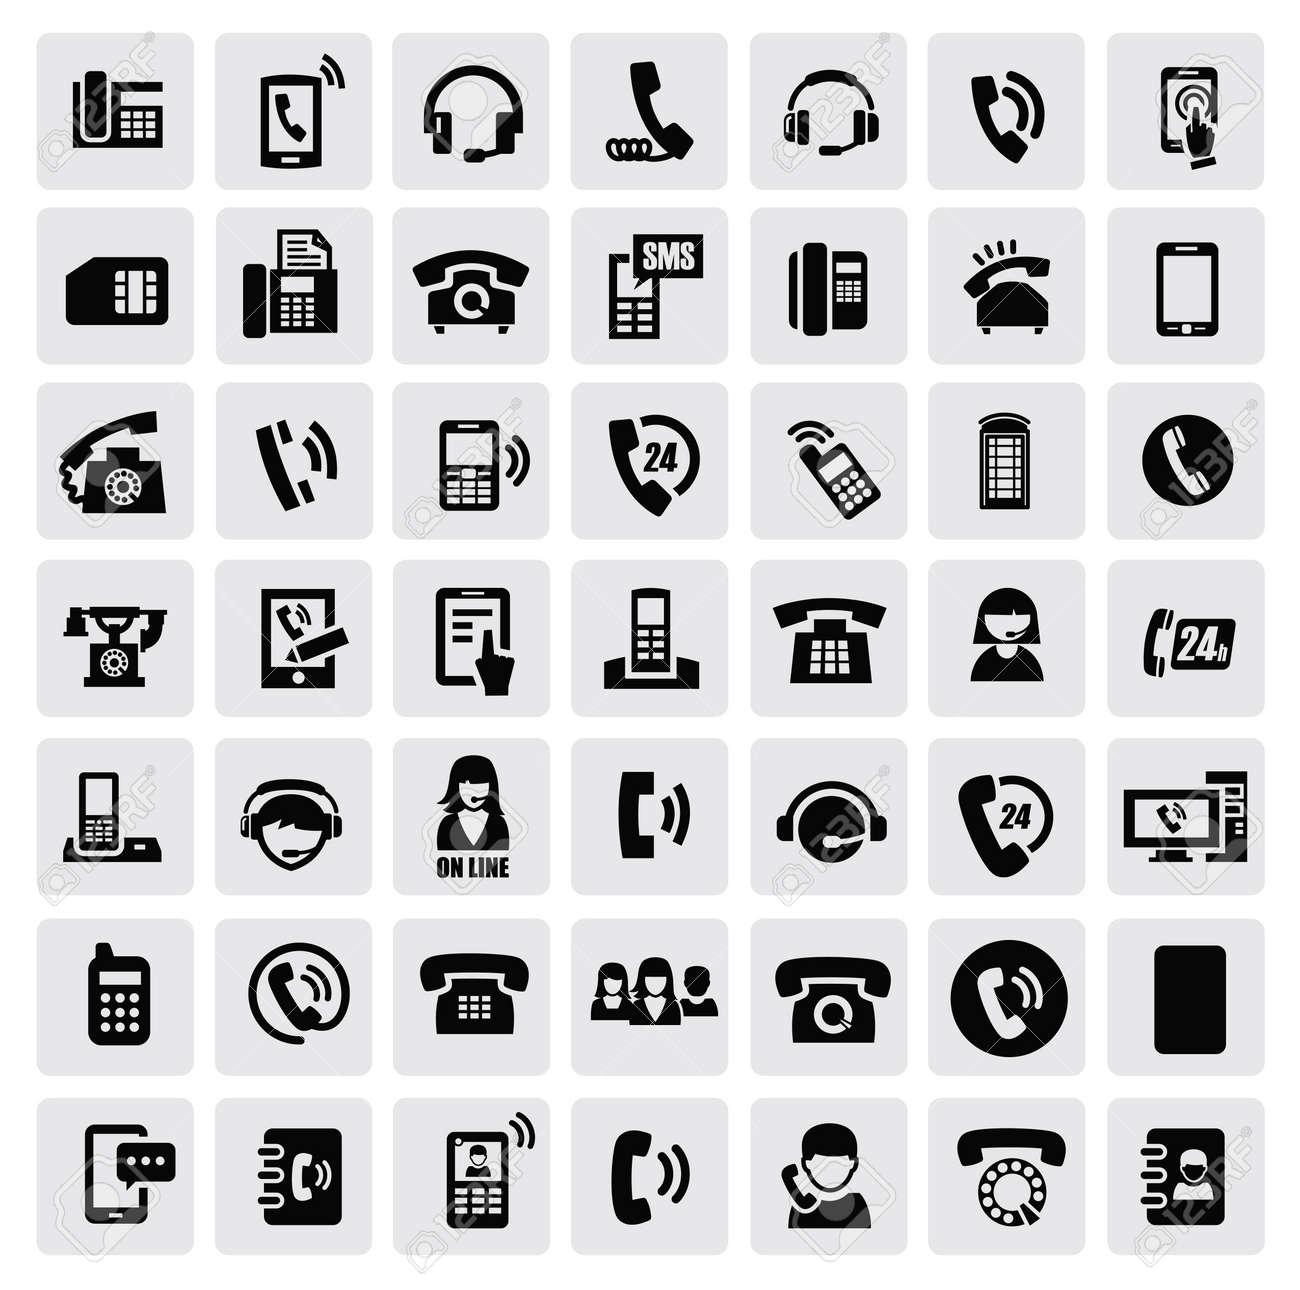 phone icons - 16936896